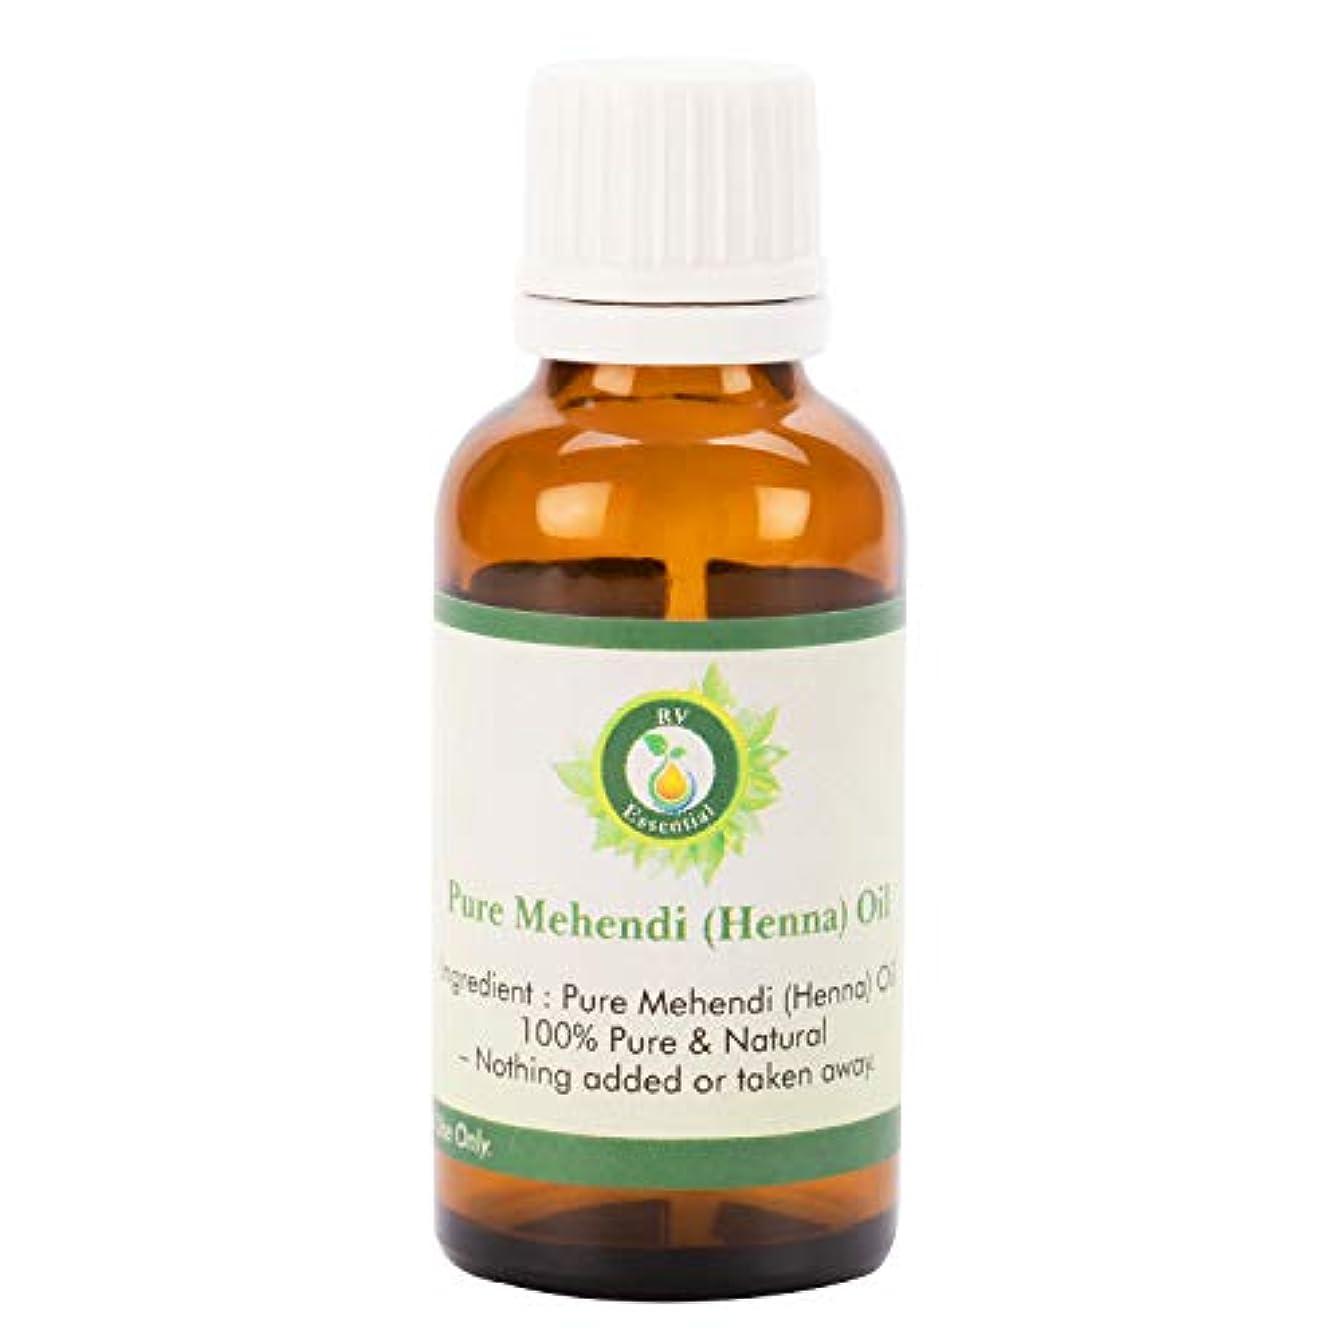 再発する常習的侵入ピュアMehendi(ヘナ)オイル100ml (3.38oz)- (100%純粋でナチュラル) Pure Mehendi (Henna) Oil